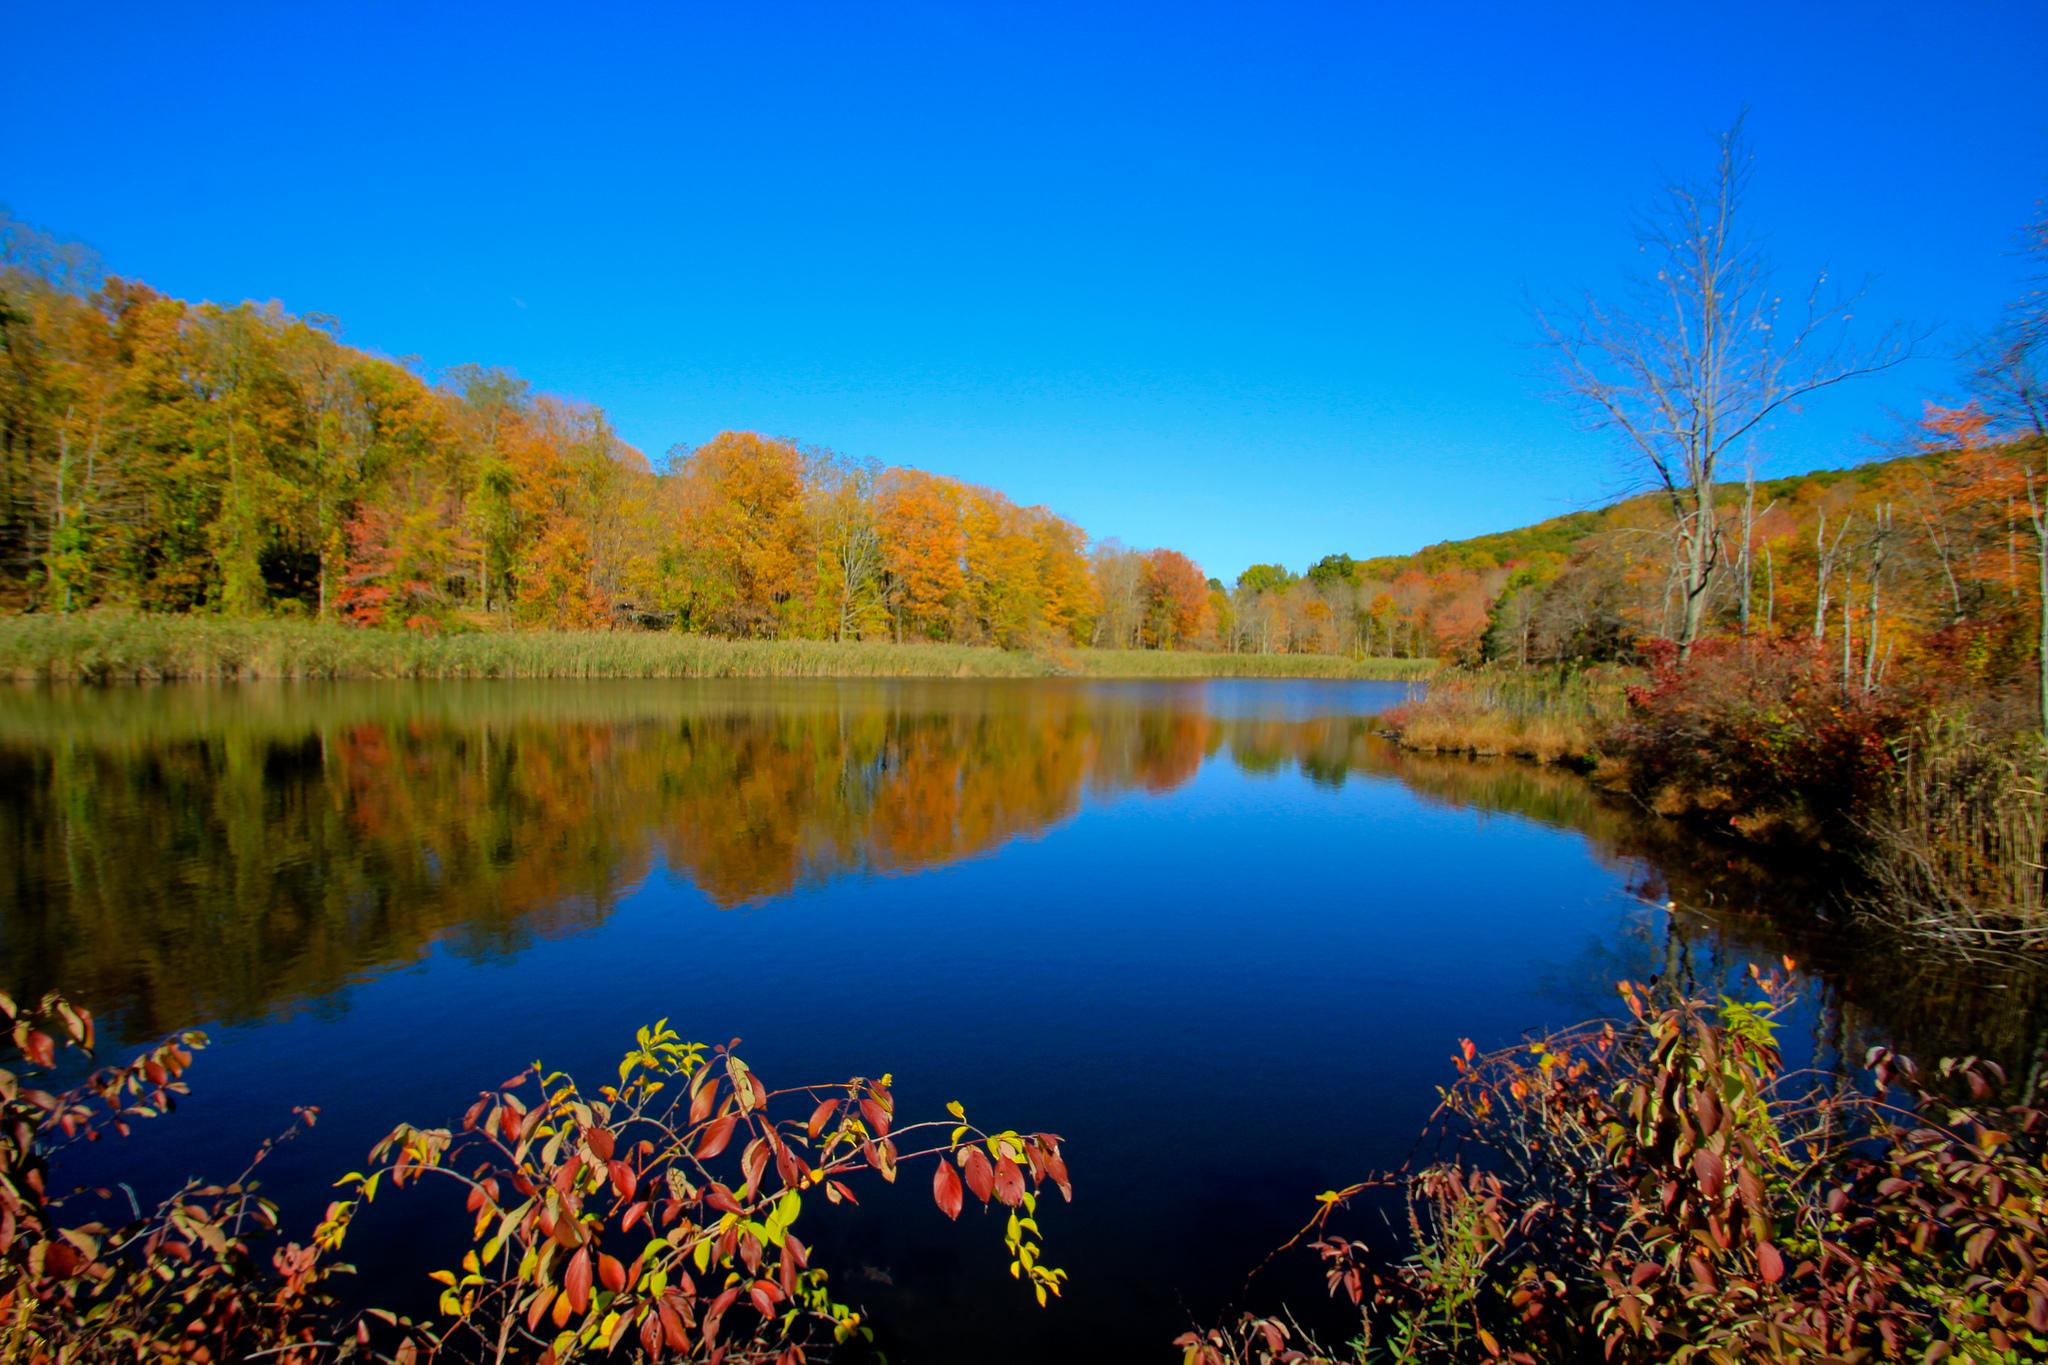 деревья небо озеро  № 3165873 загрузить